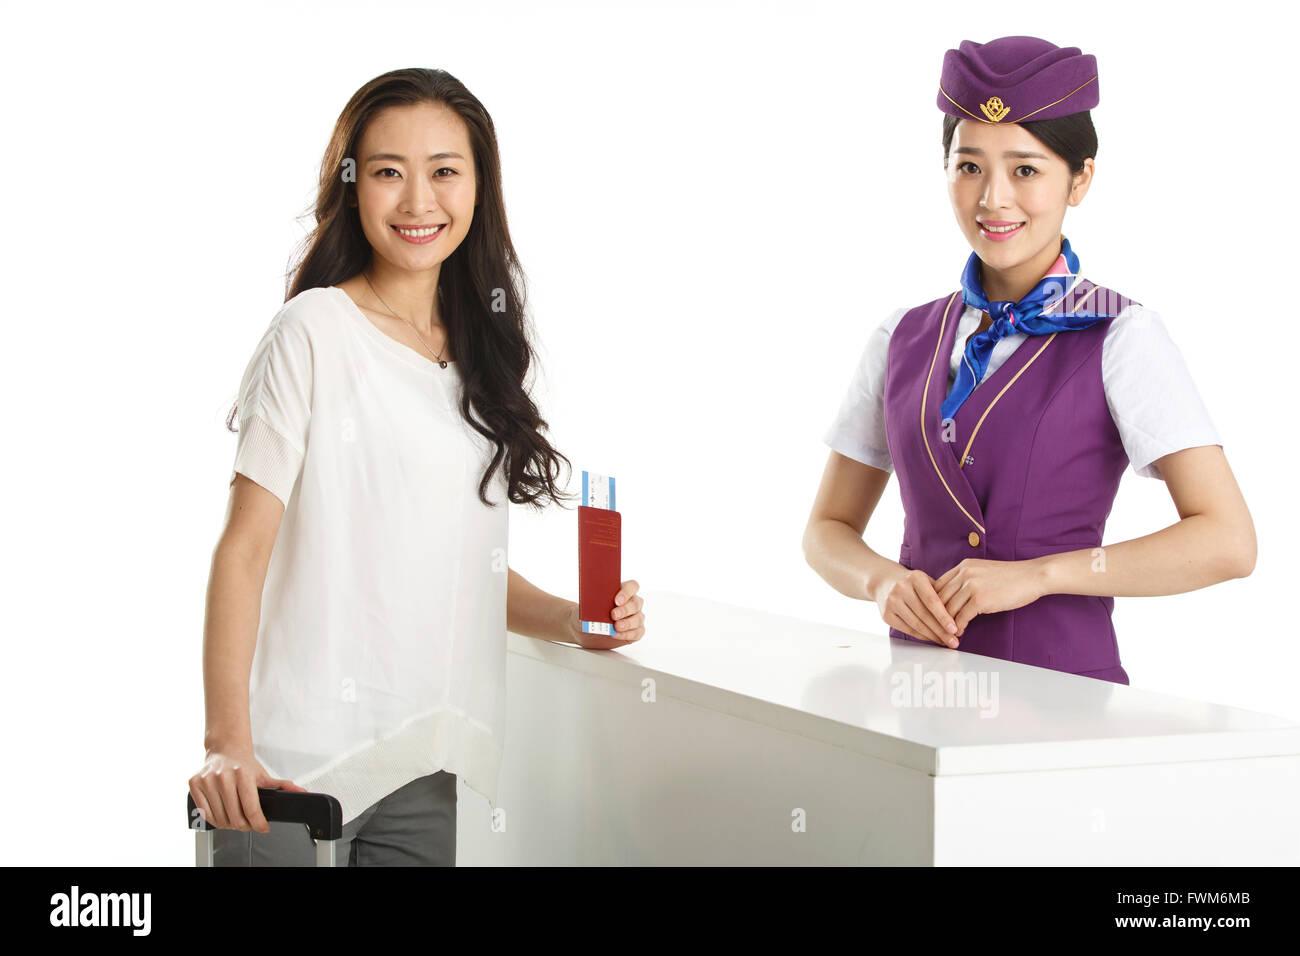 Junge weibliche Flugbegleiter und Passagiere Stockbild